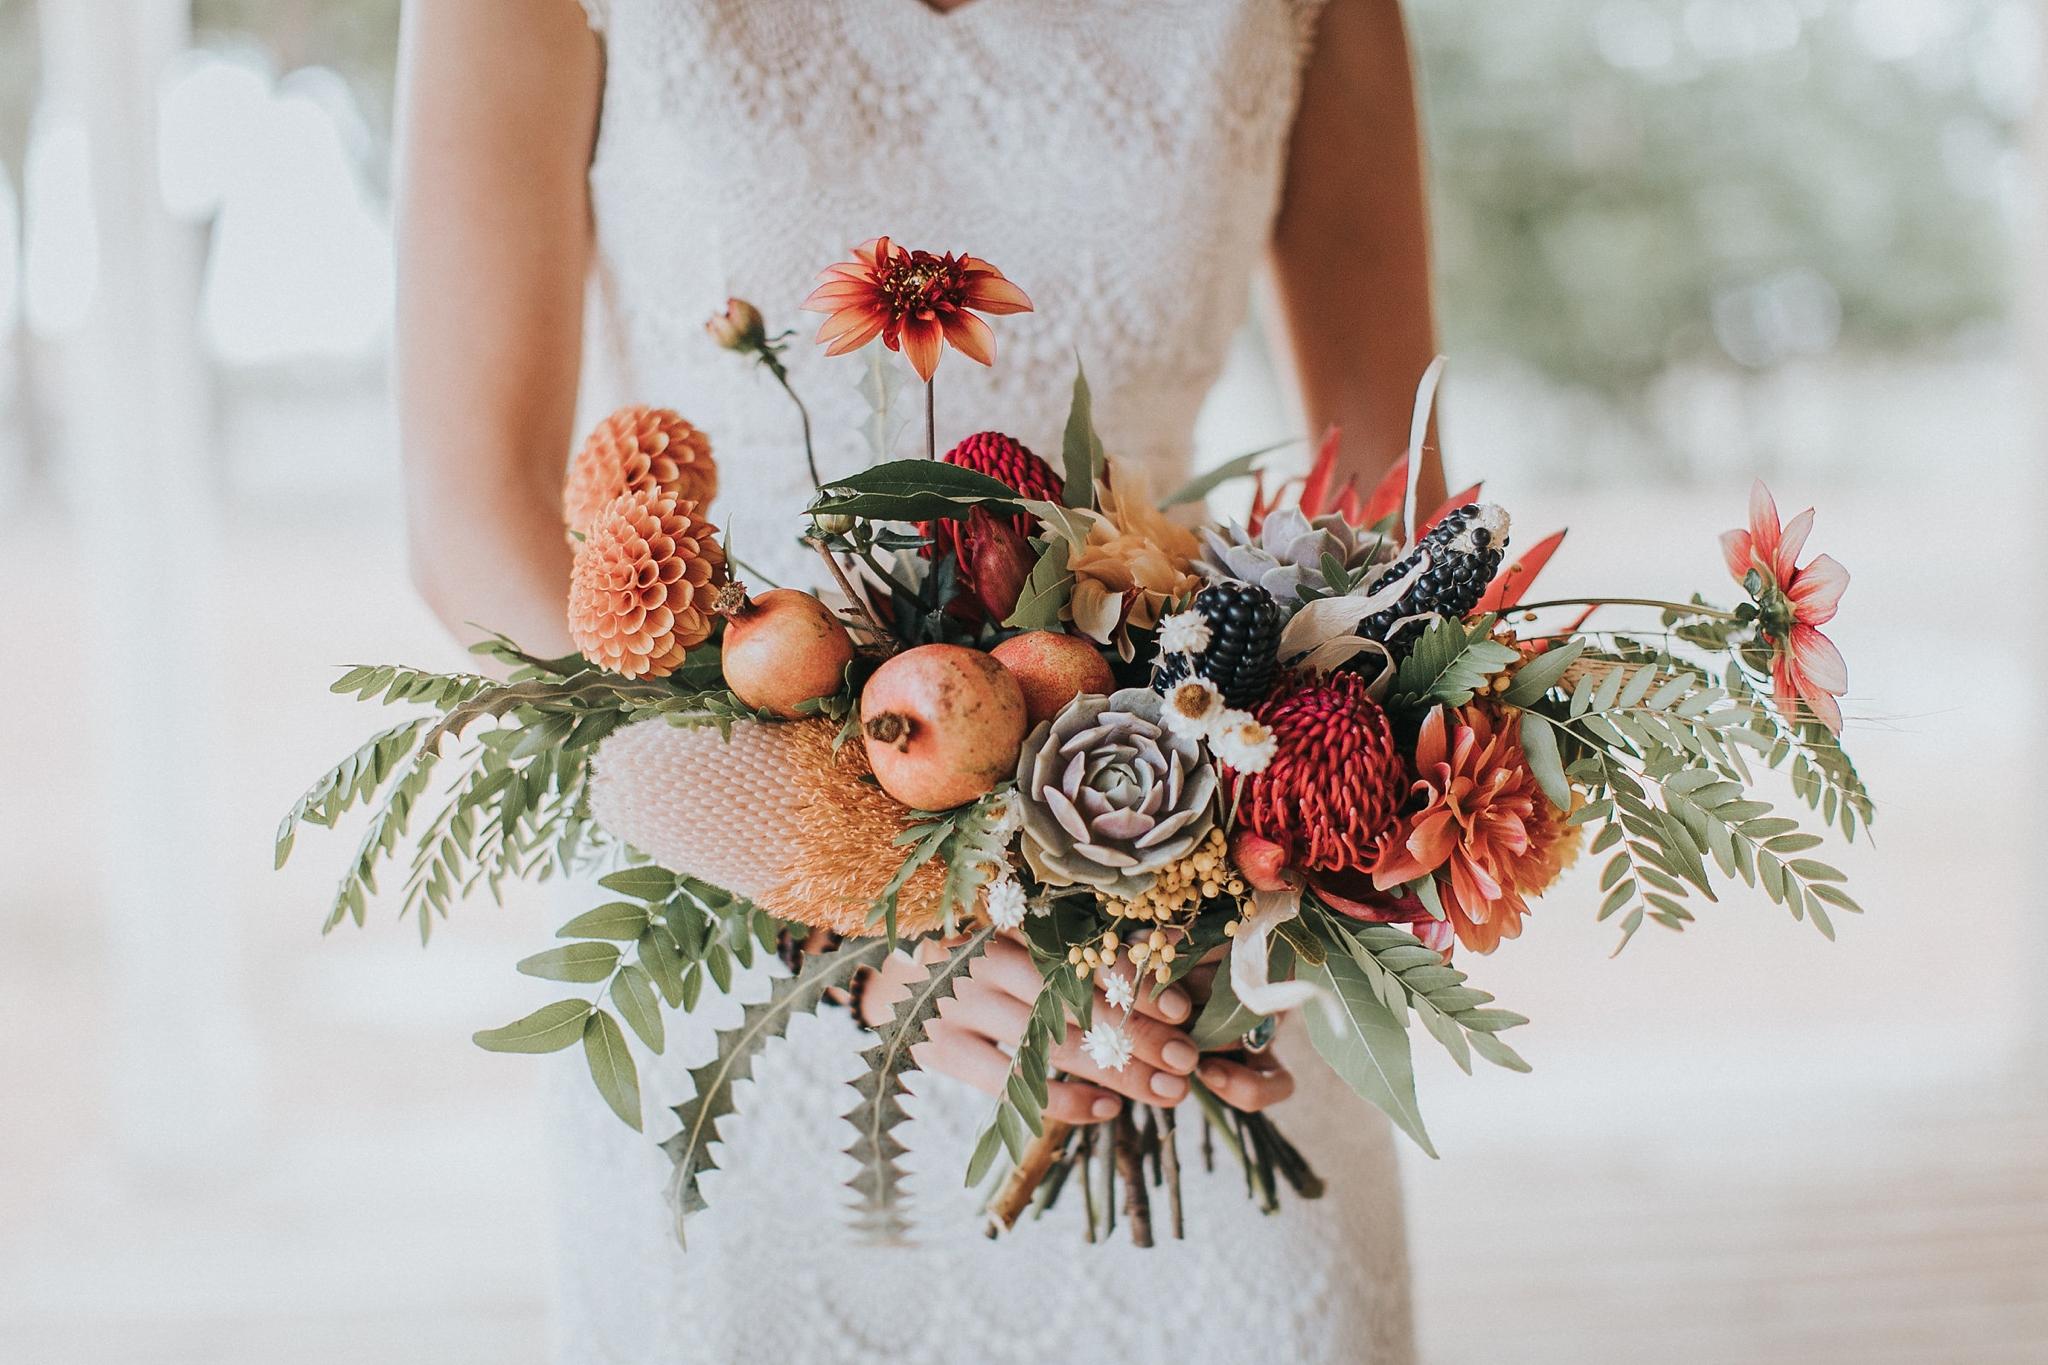 Alicia+lucia+photography+-+albuquerque+wedding+photographer+-+santa+fe+wedding+photography+-+new+mexico+wedding+photographer+-+new+mexico+wedding+-+new+mexico+wedding+-+wedding+florals+-+desert+wedding+-+wedding+trends_0083.jpg